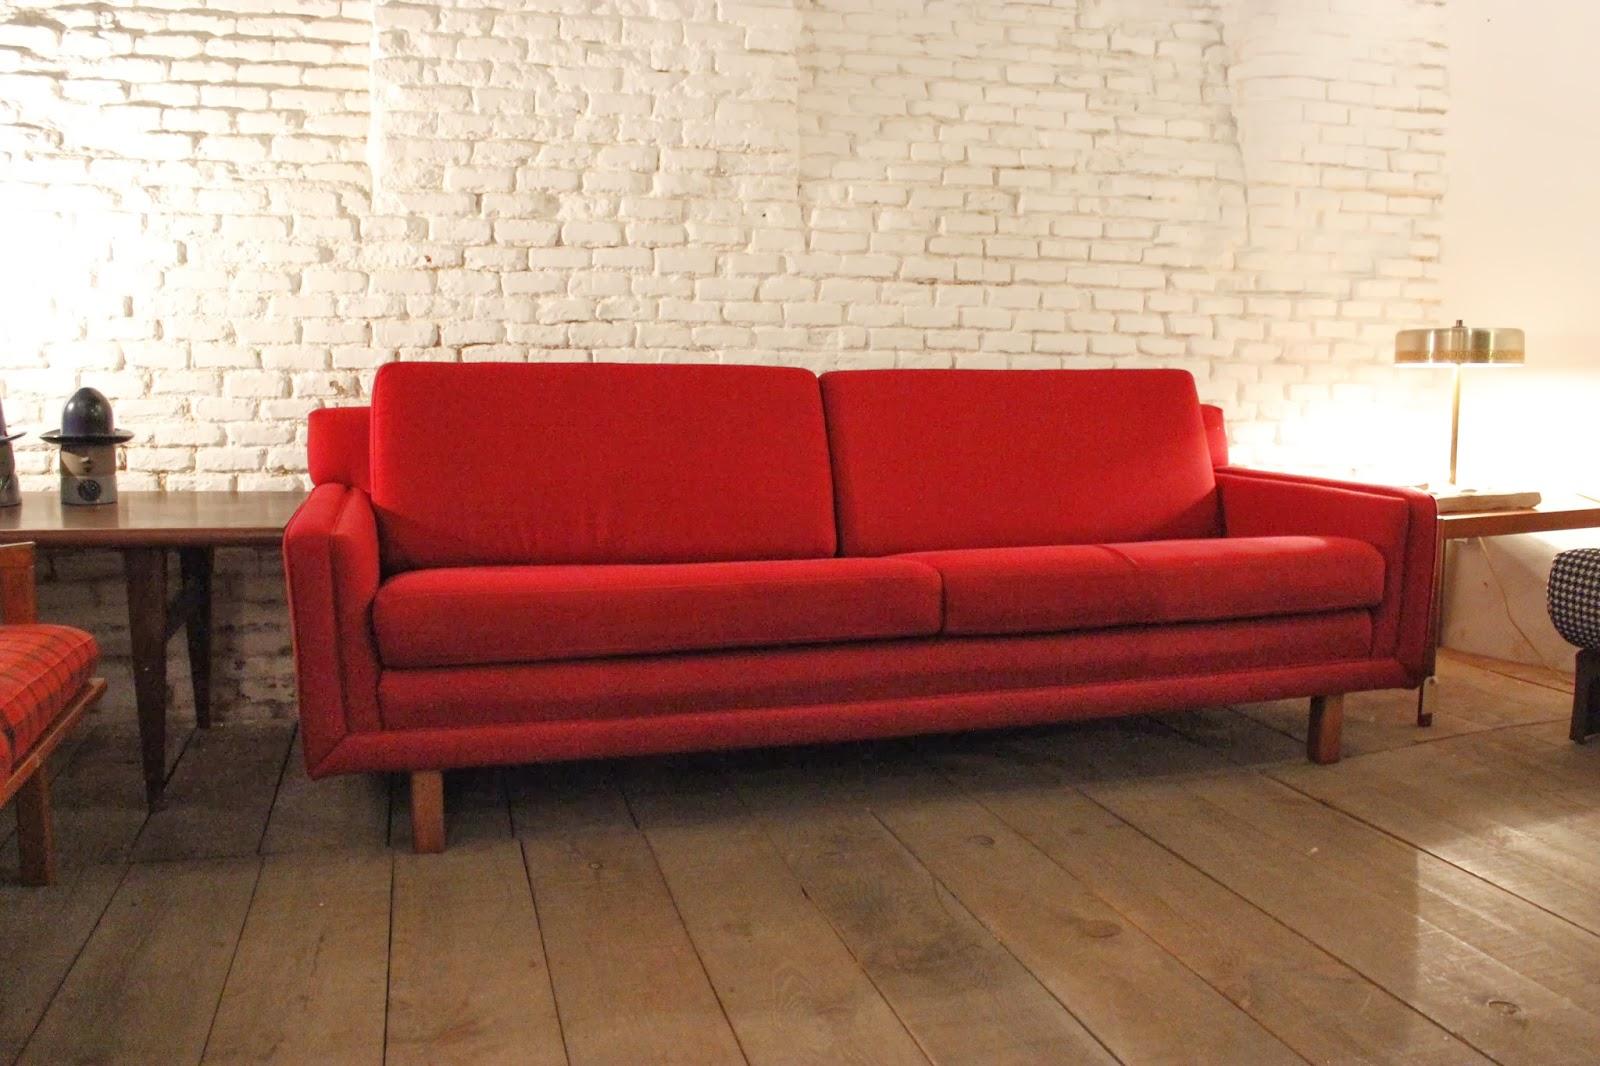 Sofa Madrid Tienda Scs Beds Vintage 4p Tu De Muebles En